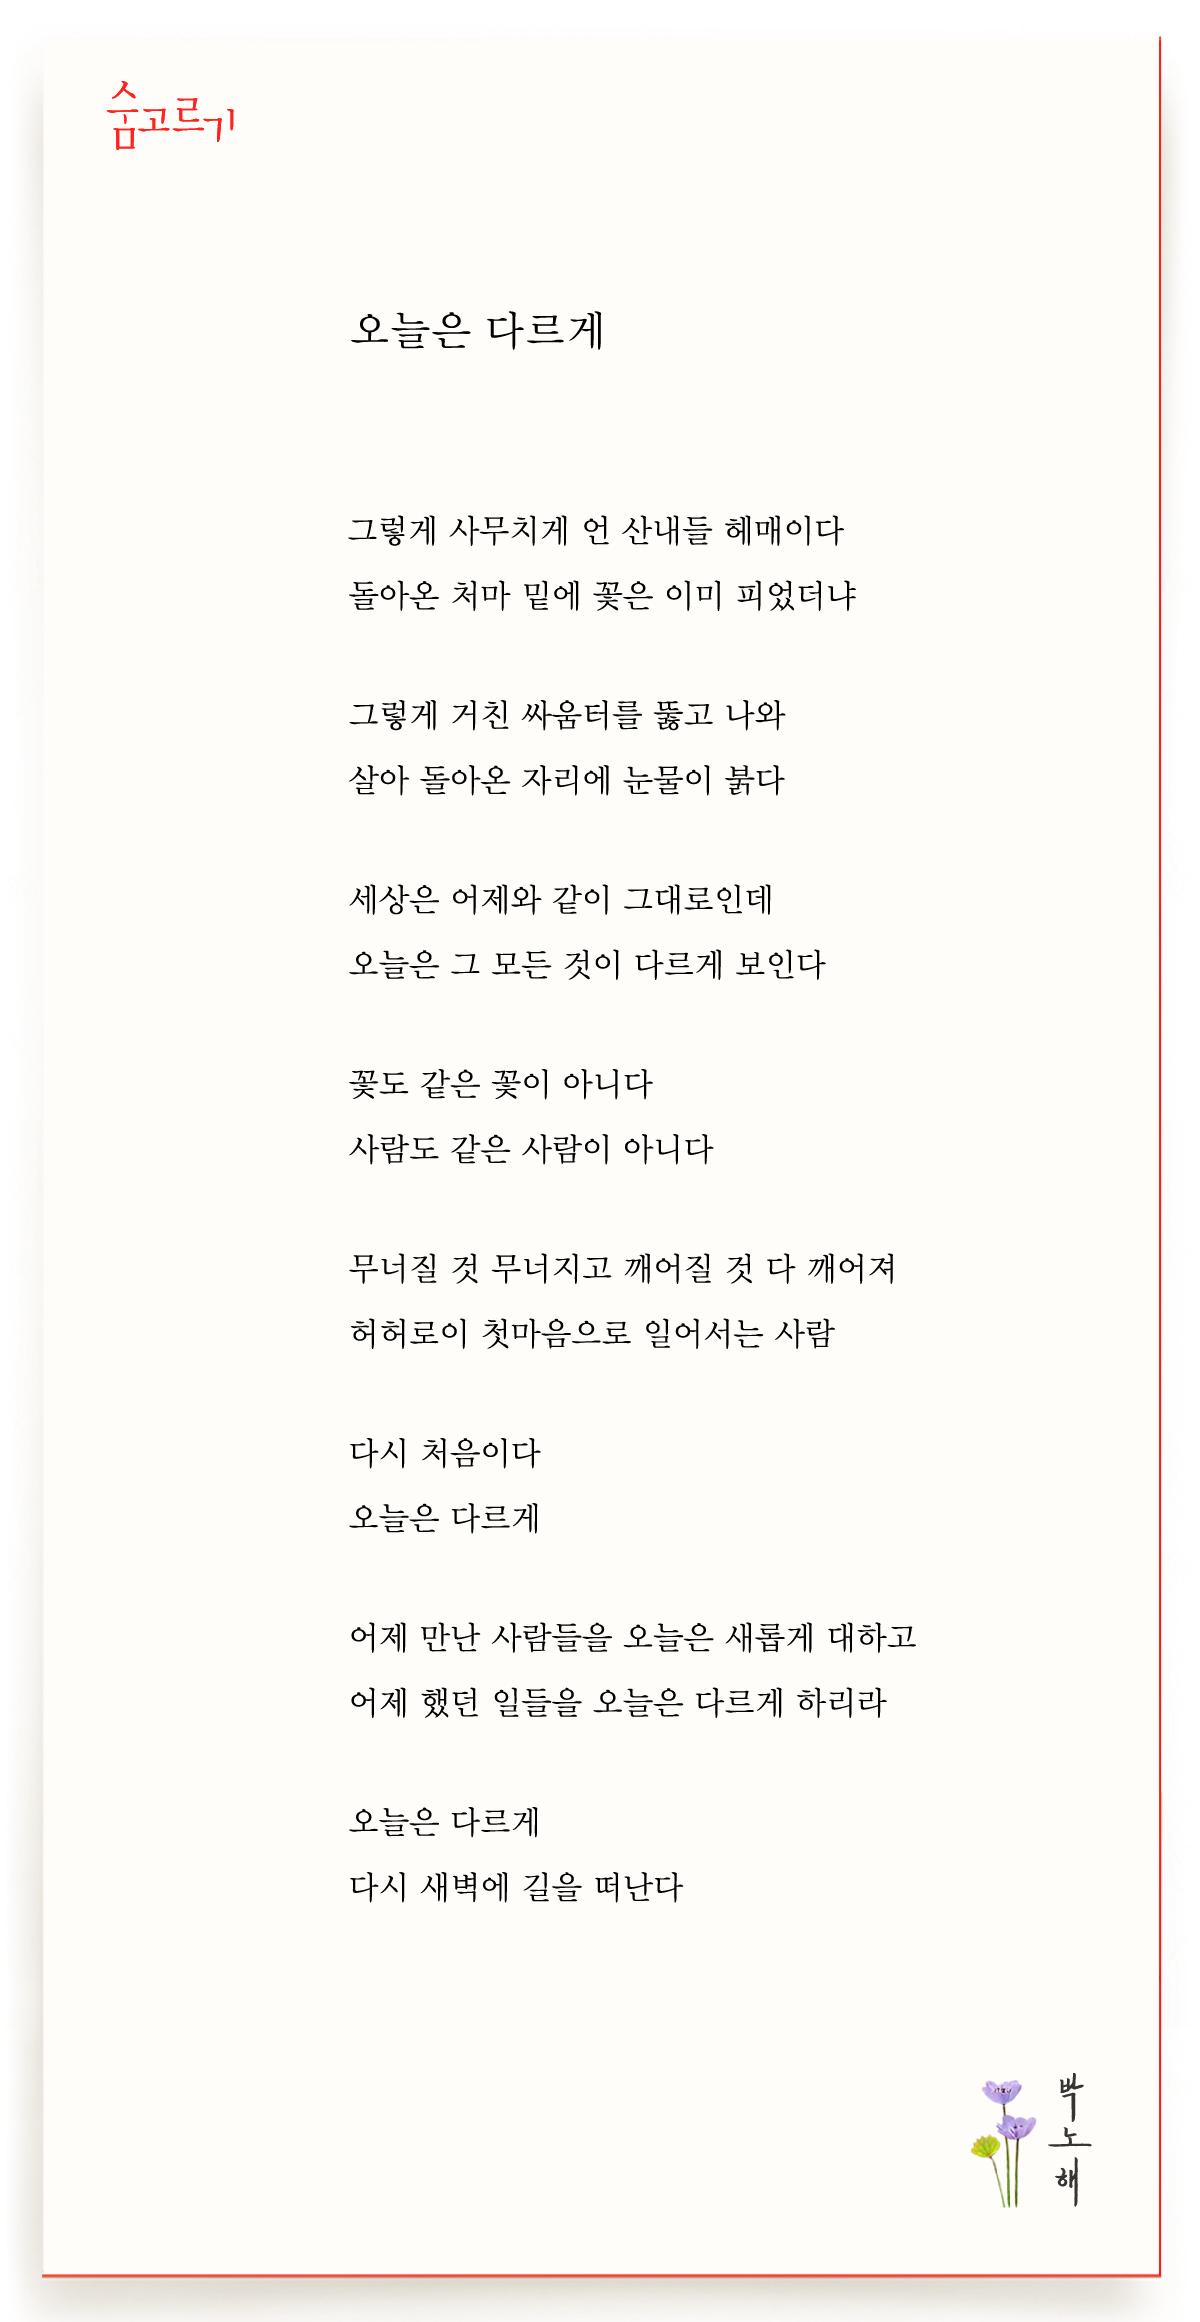 박노해의 숨고르기 오늘은 다르게